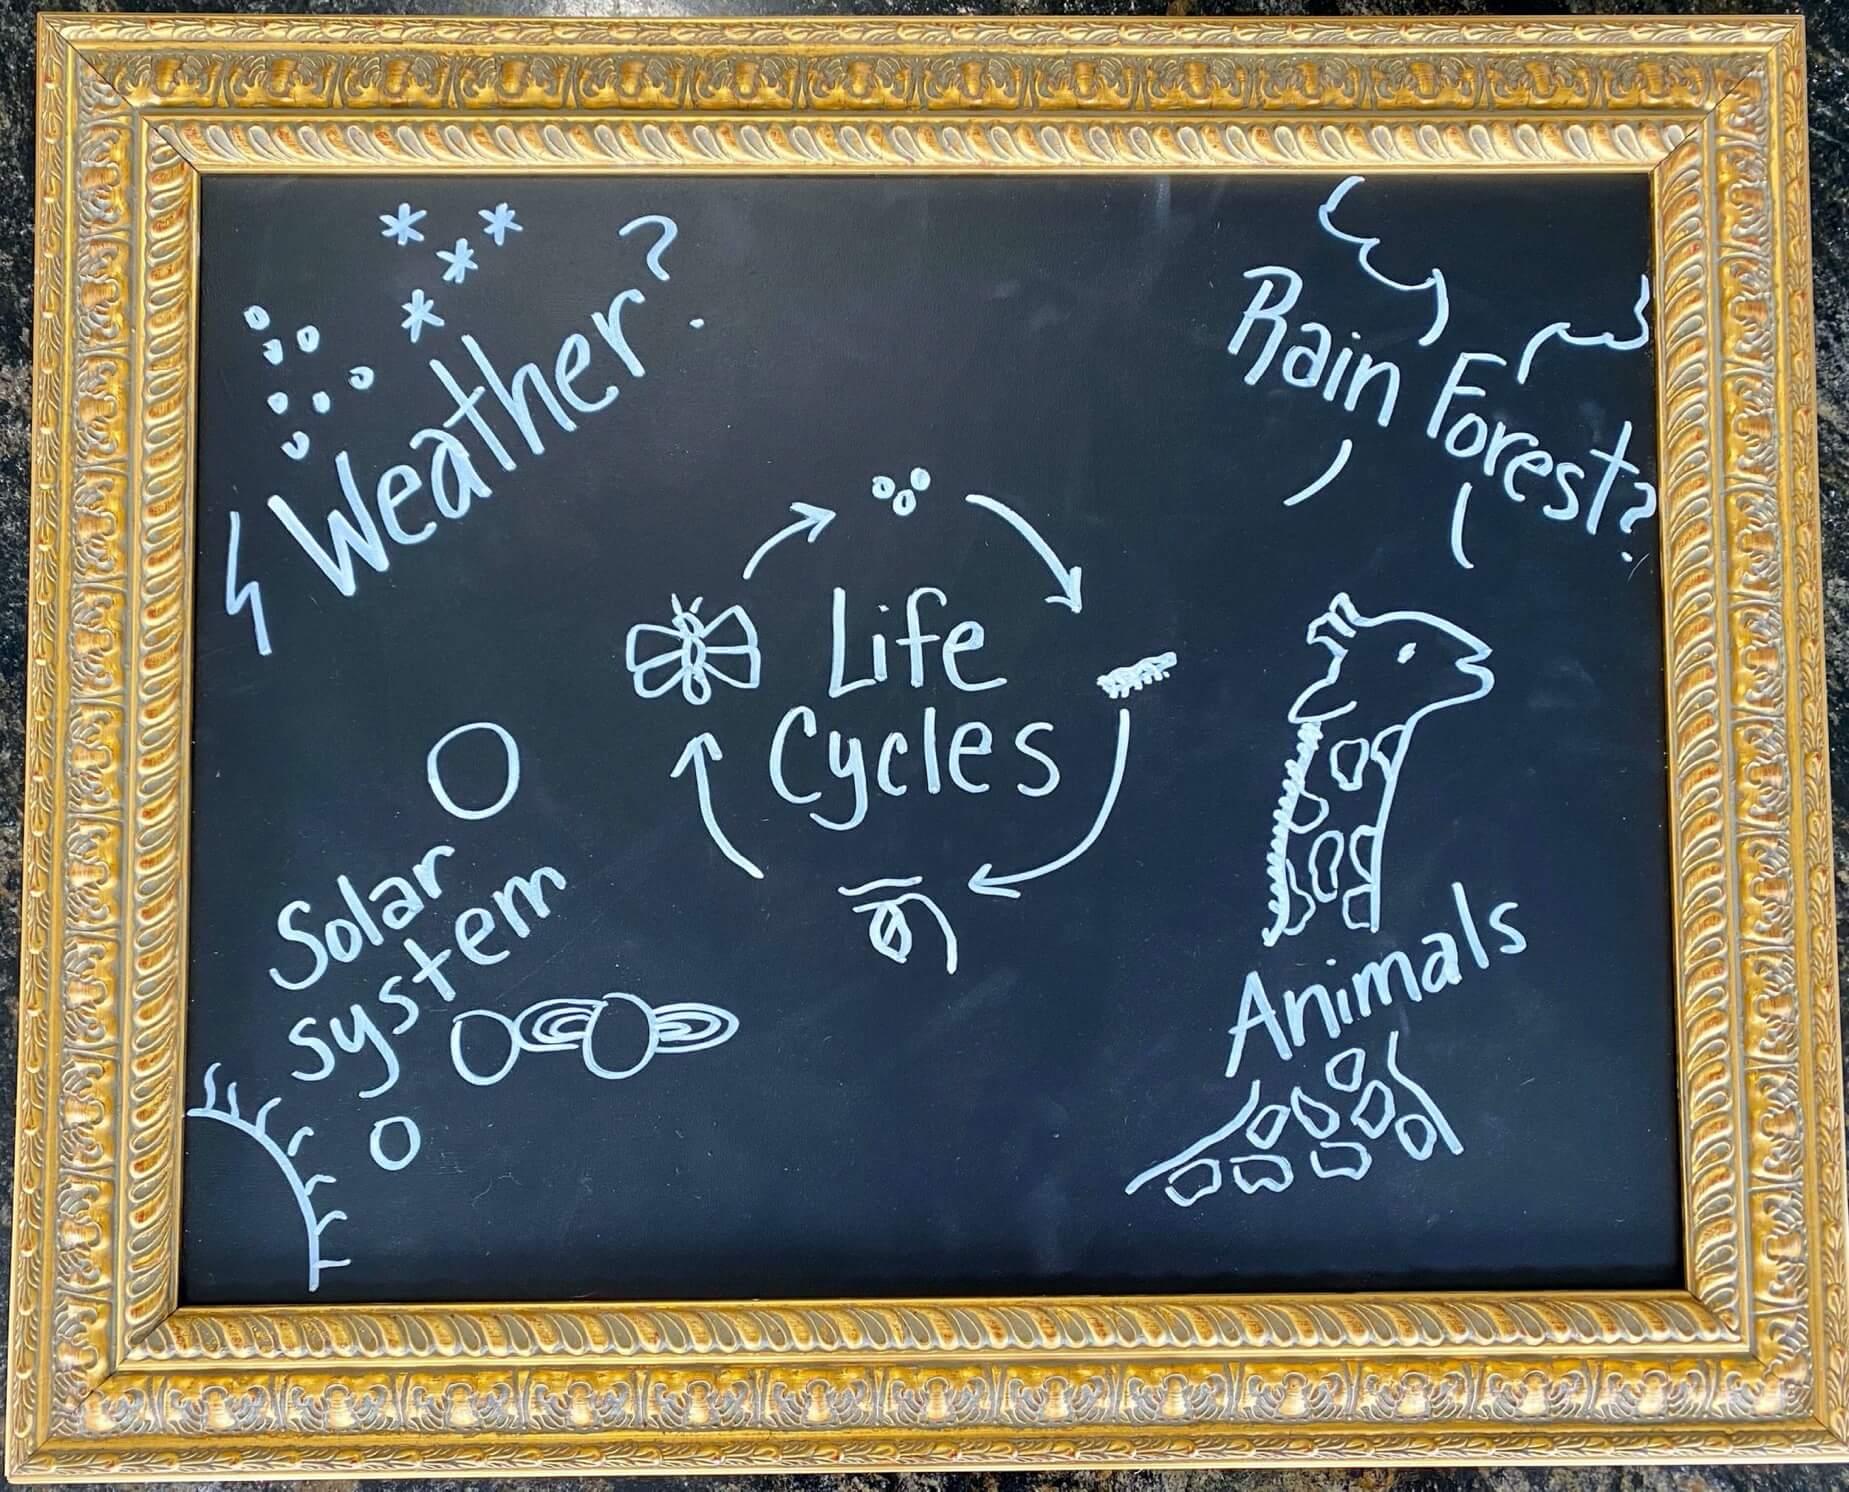 chalkboard with informative ideas written on it